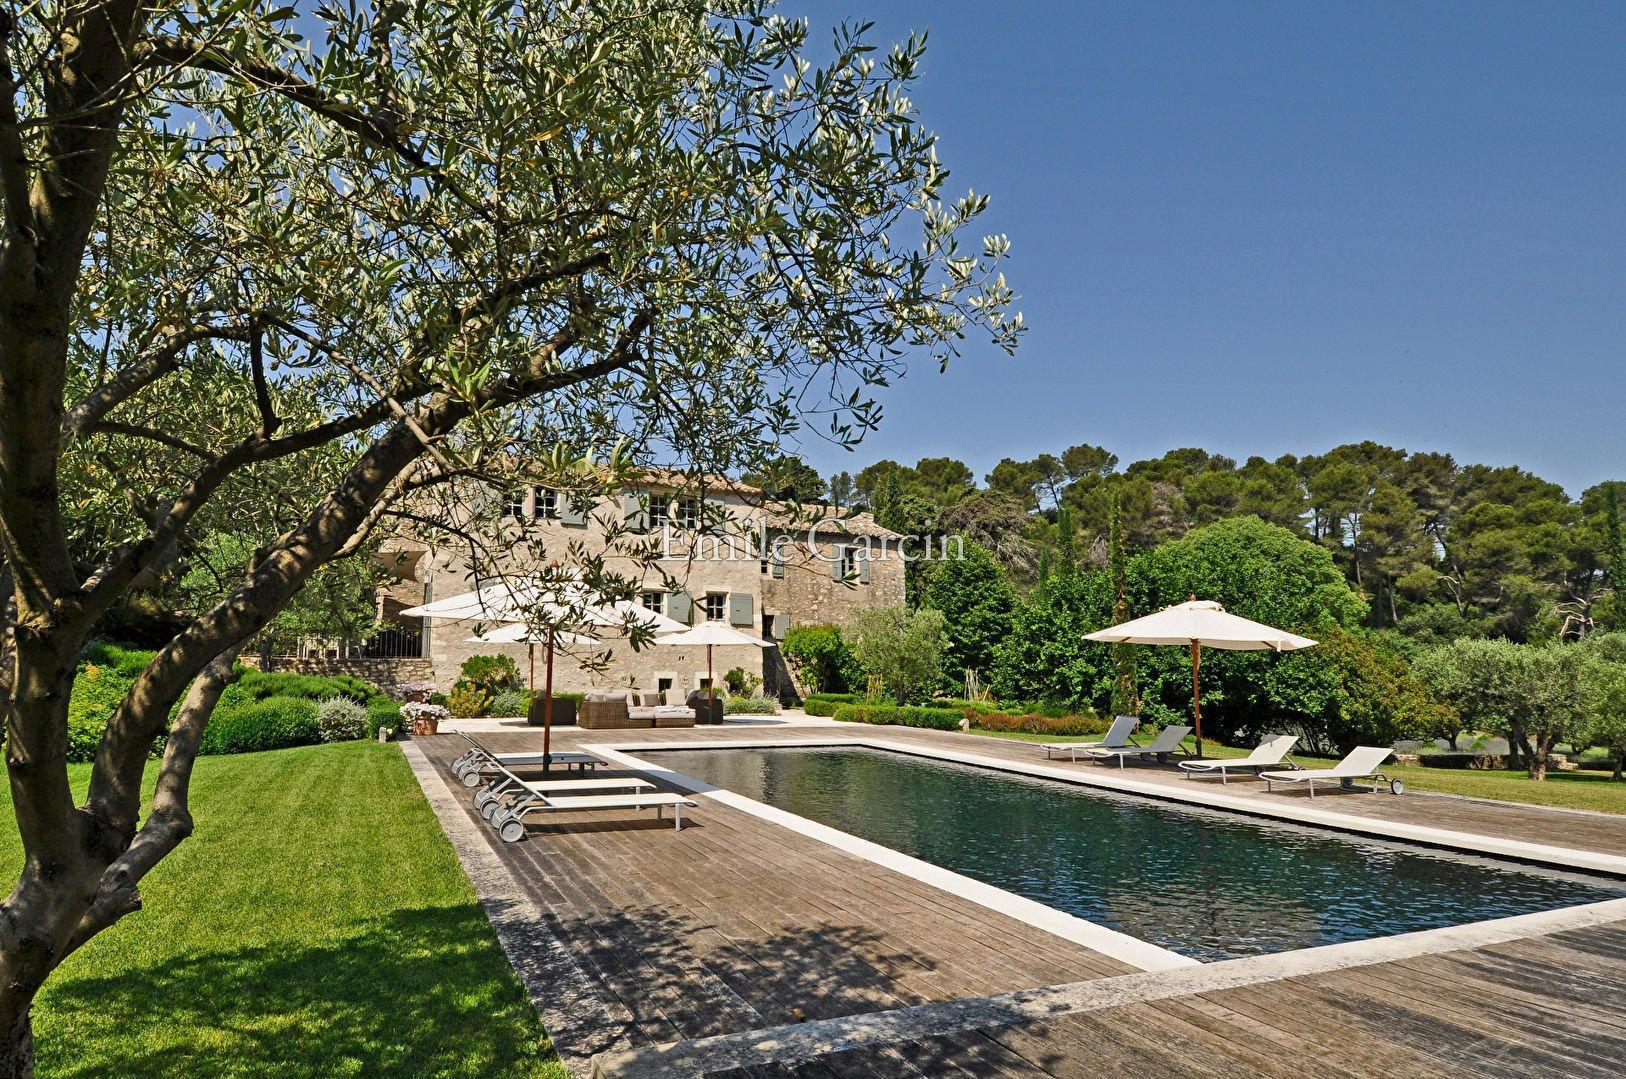 Saint-Rémy-de-Provence, Provence-Alpes-Côte d'Azur, France 1